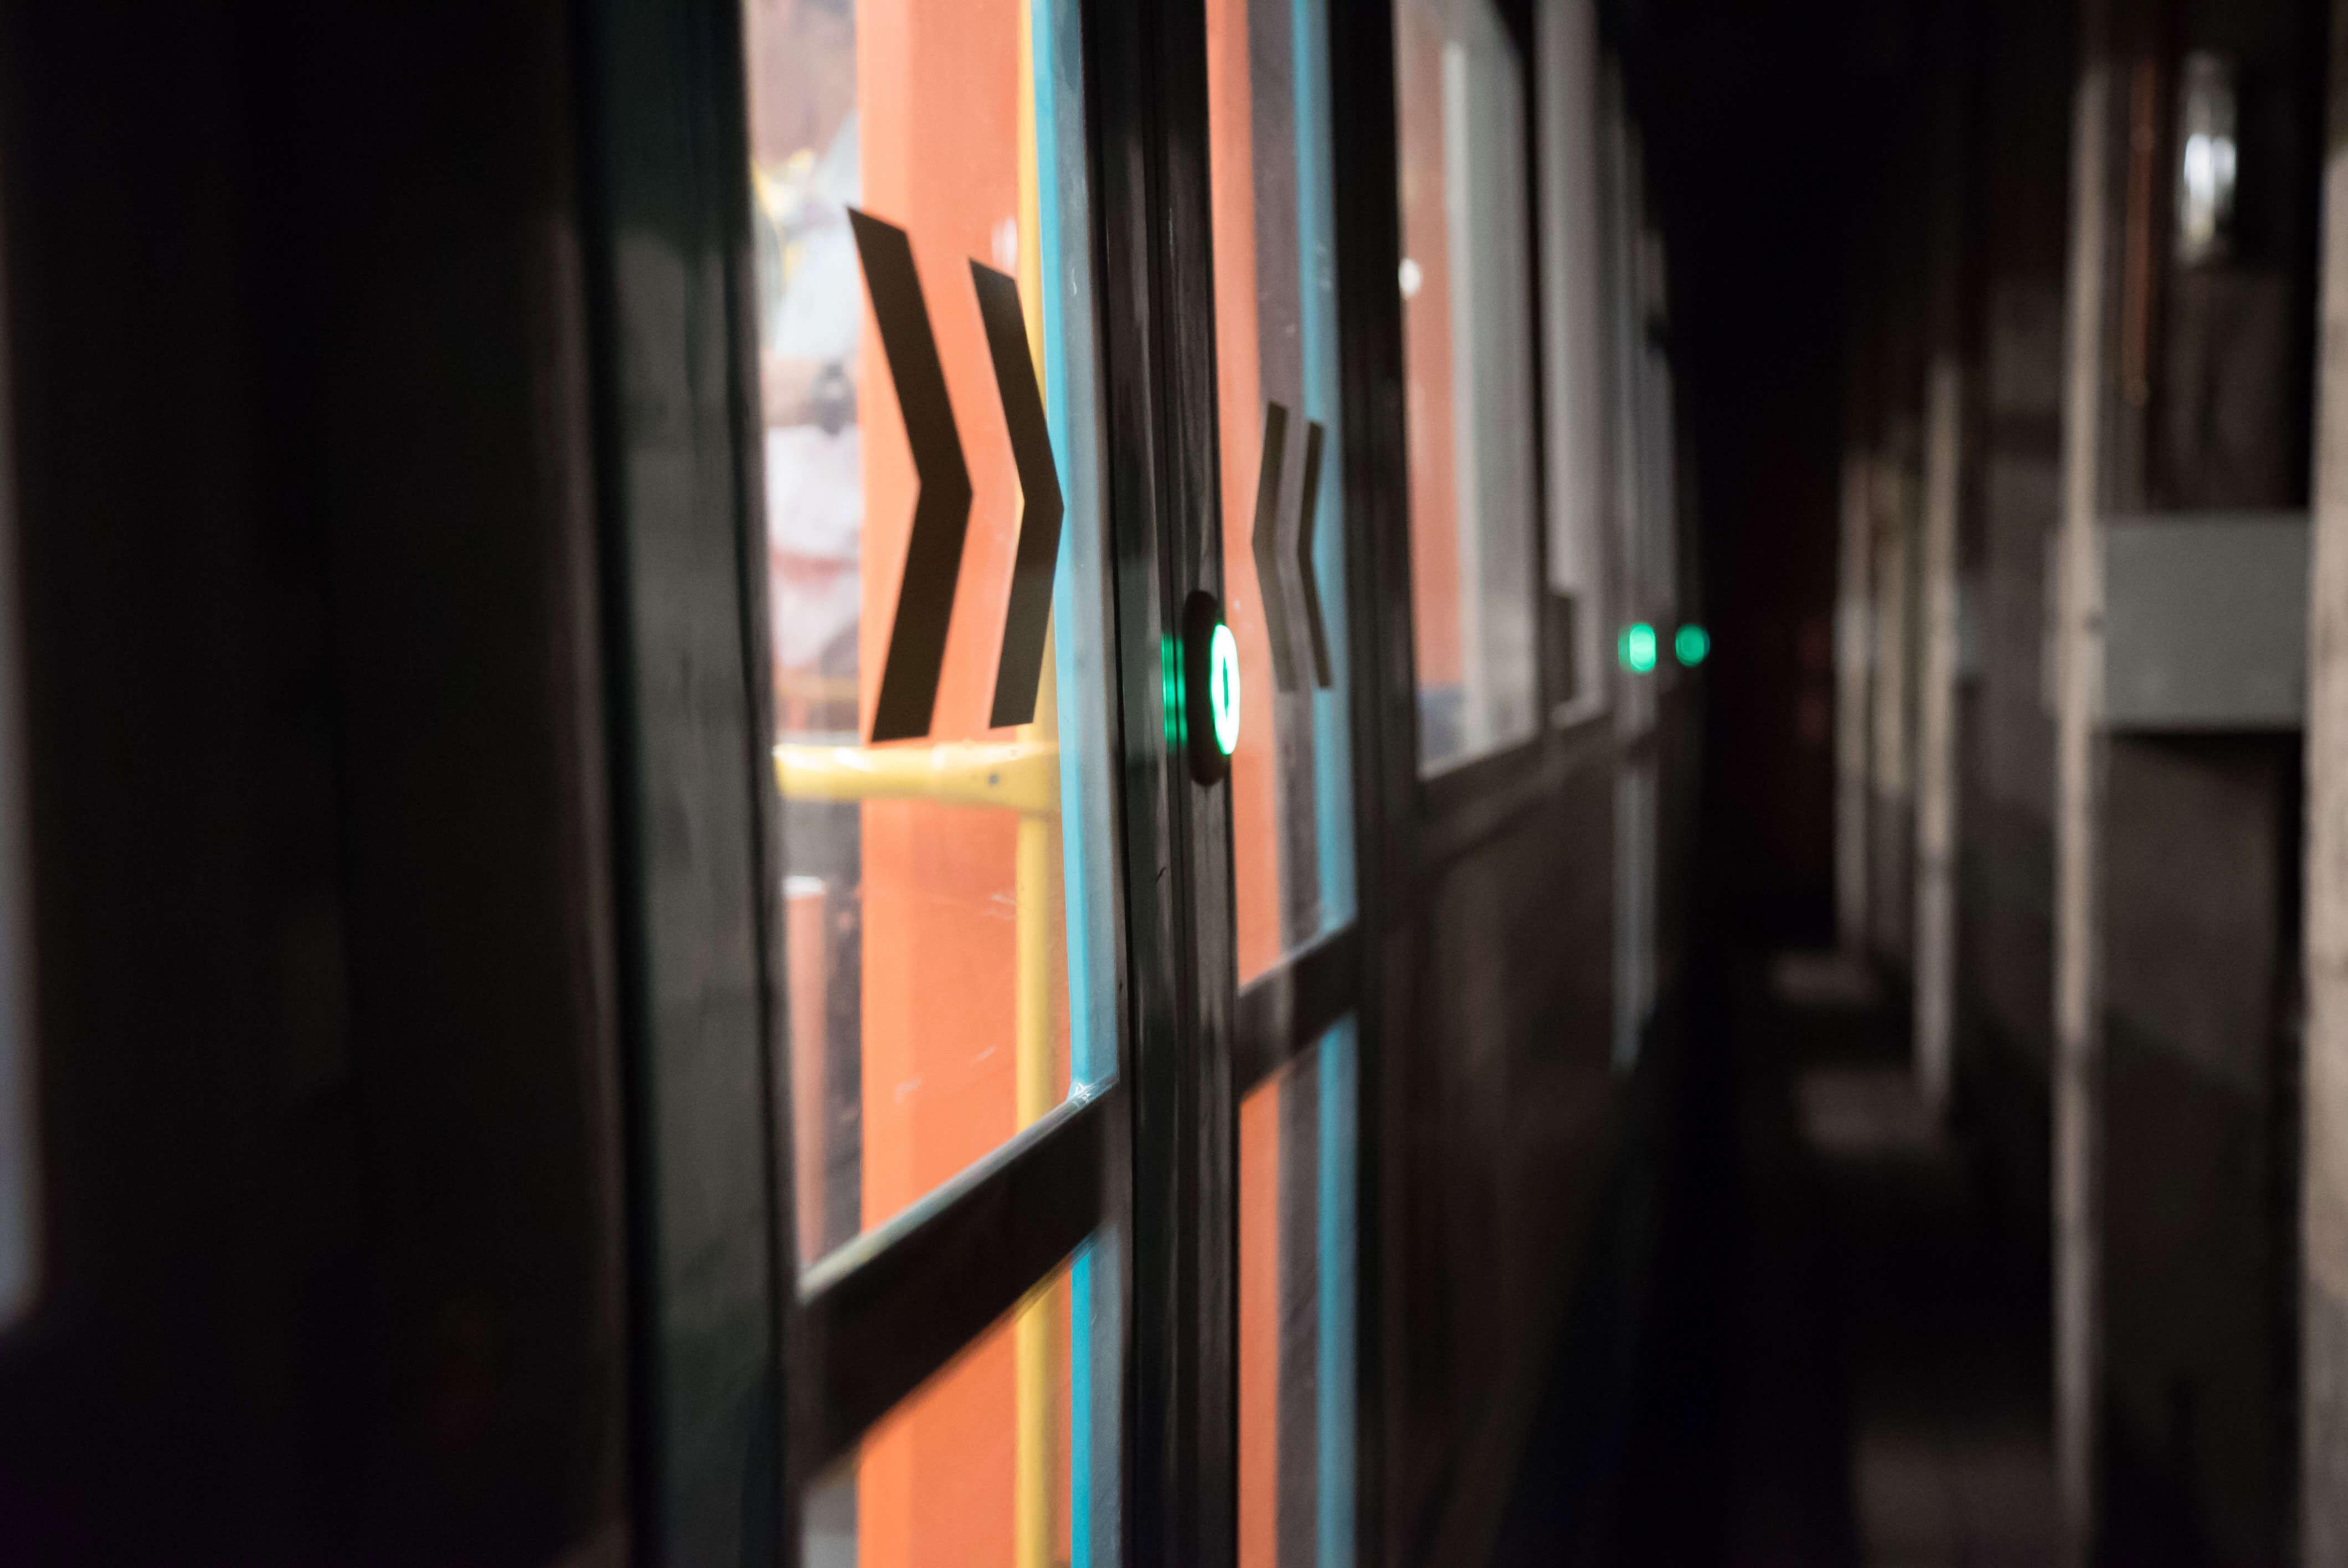 Tür eines U5 Wagens mit anstehender Türfreigabe in einer unterirdischen Abstellanlage.